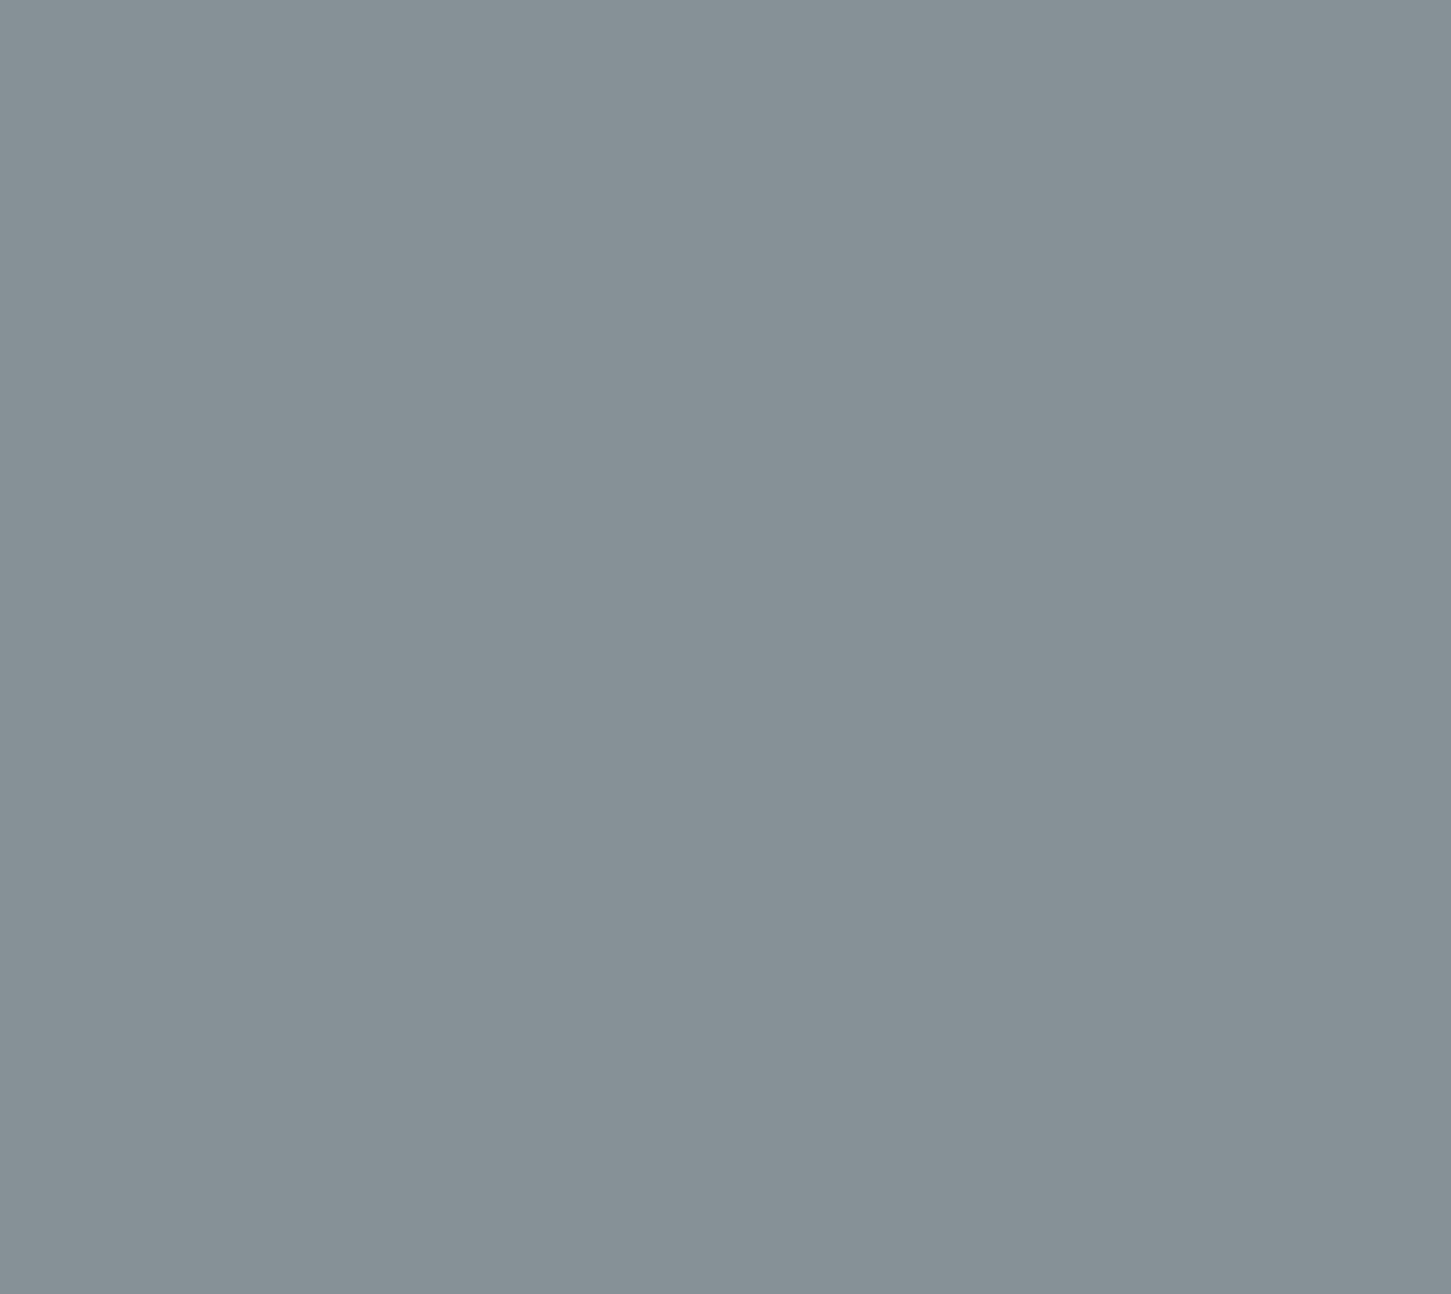 RAL7001 Silbergrau